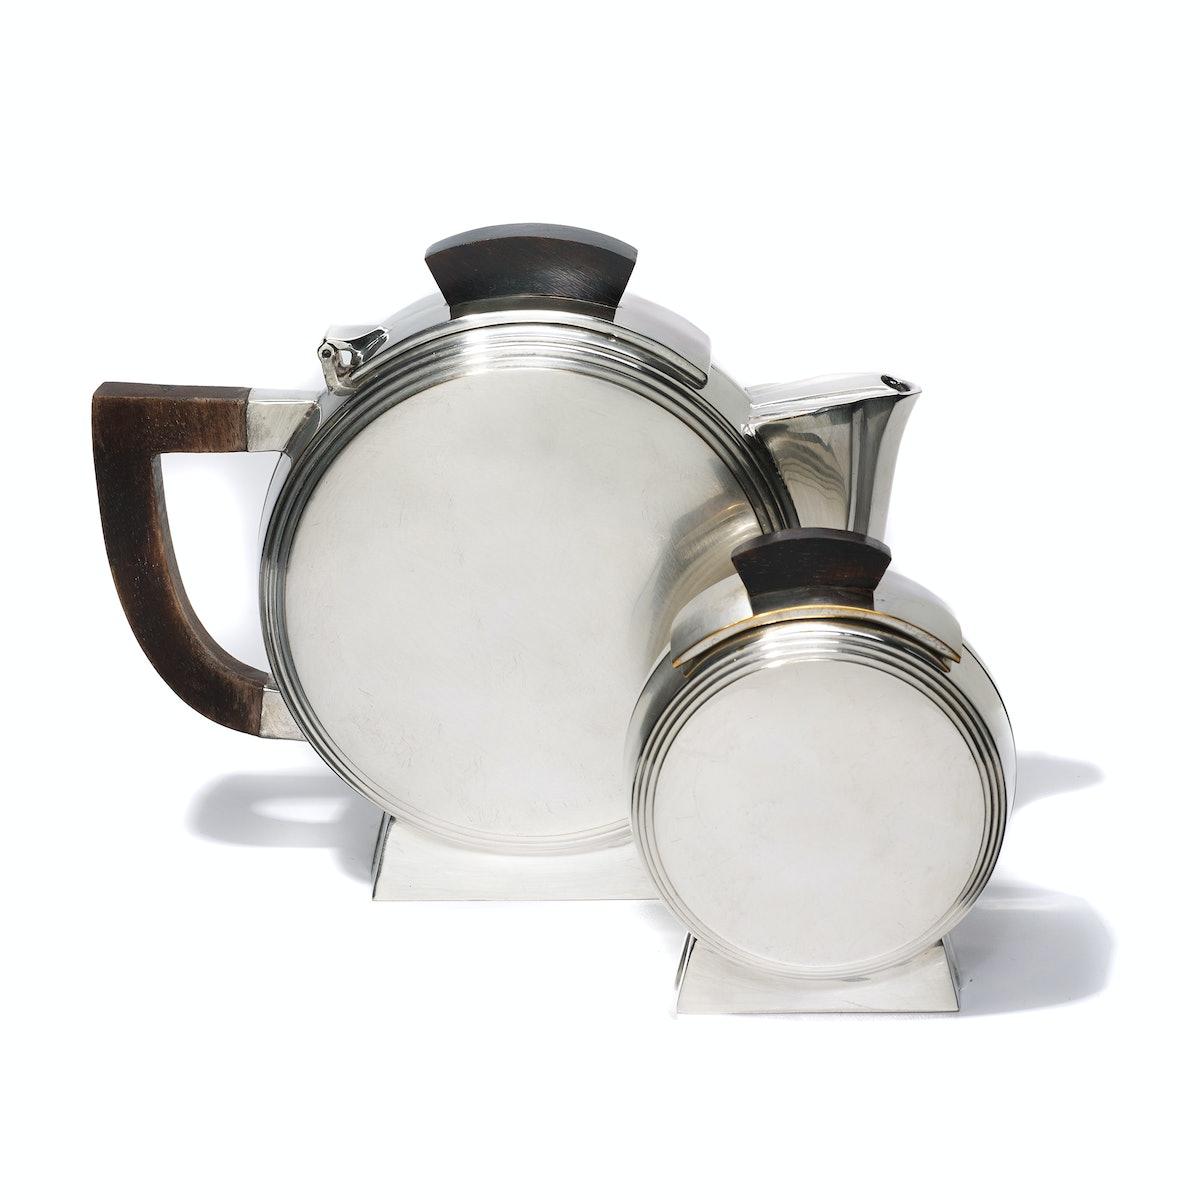 Hôtel vintage tea set